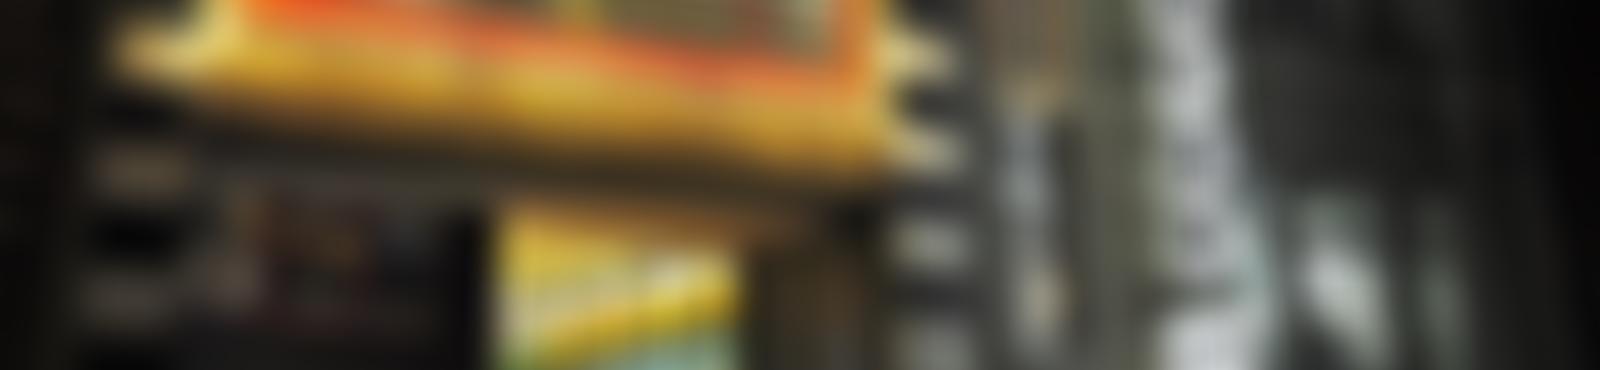 Blurred 8a3361e3 09fe 4738 b193 0cbbf2cafef2